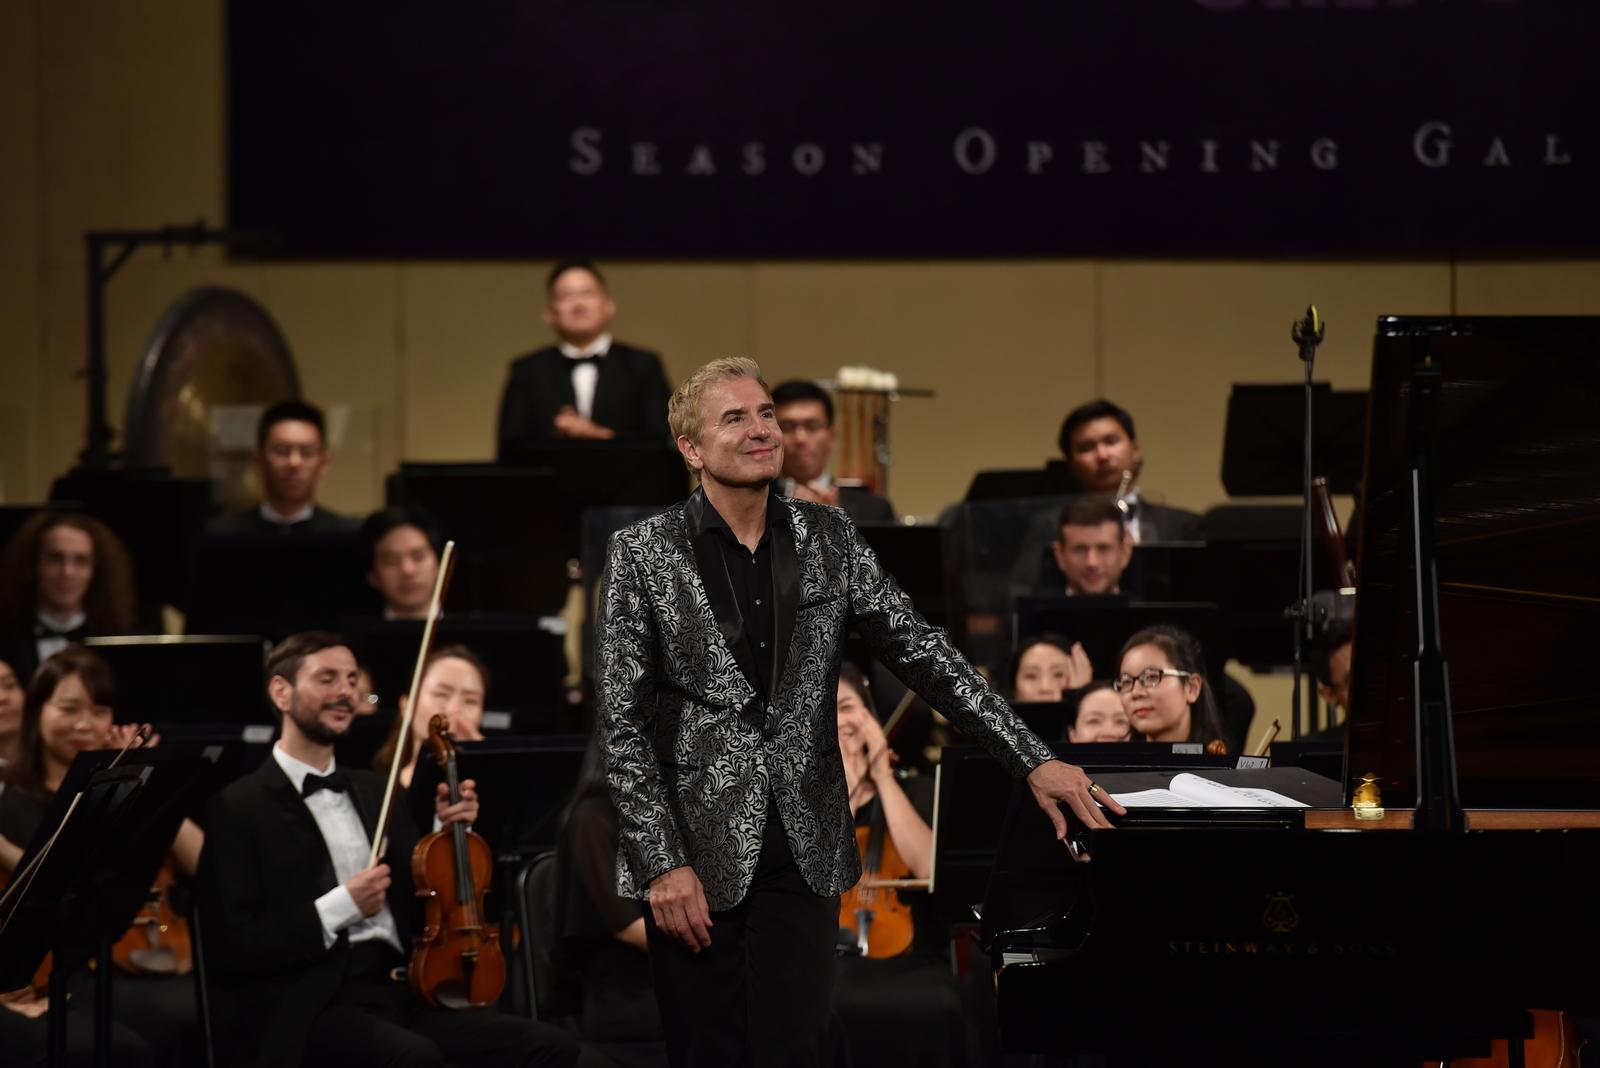 """Khán giả thủ đô say mê trong đêm nhạc """"Thibaudet trình diễn Saint-Saëns"""" đầy cảm xúc  - Ảnh 6"""